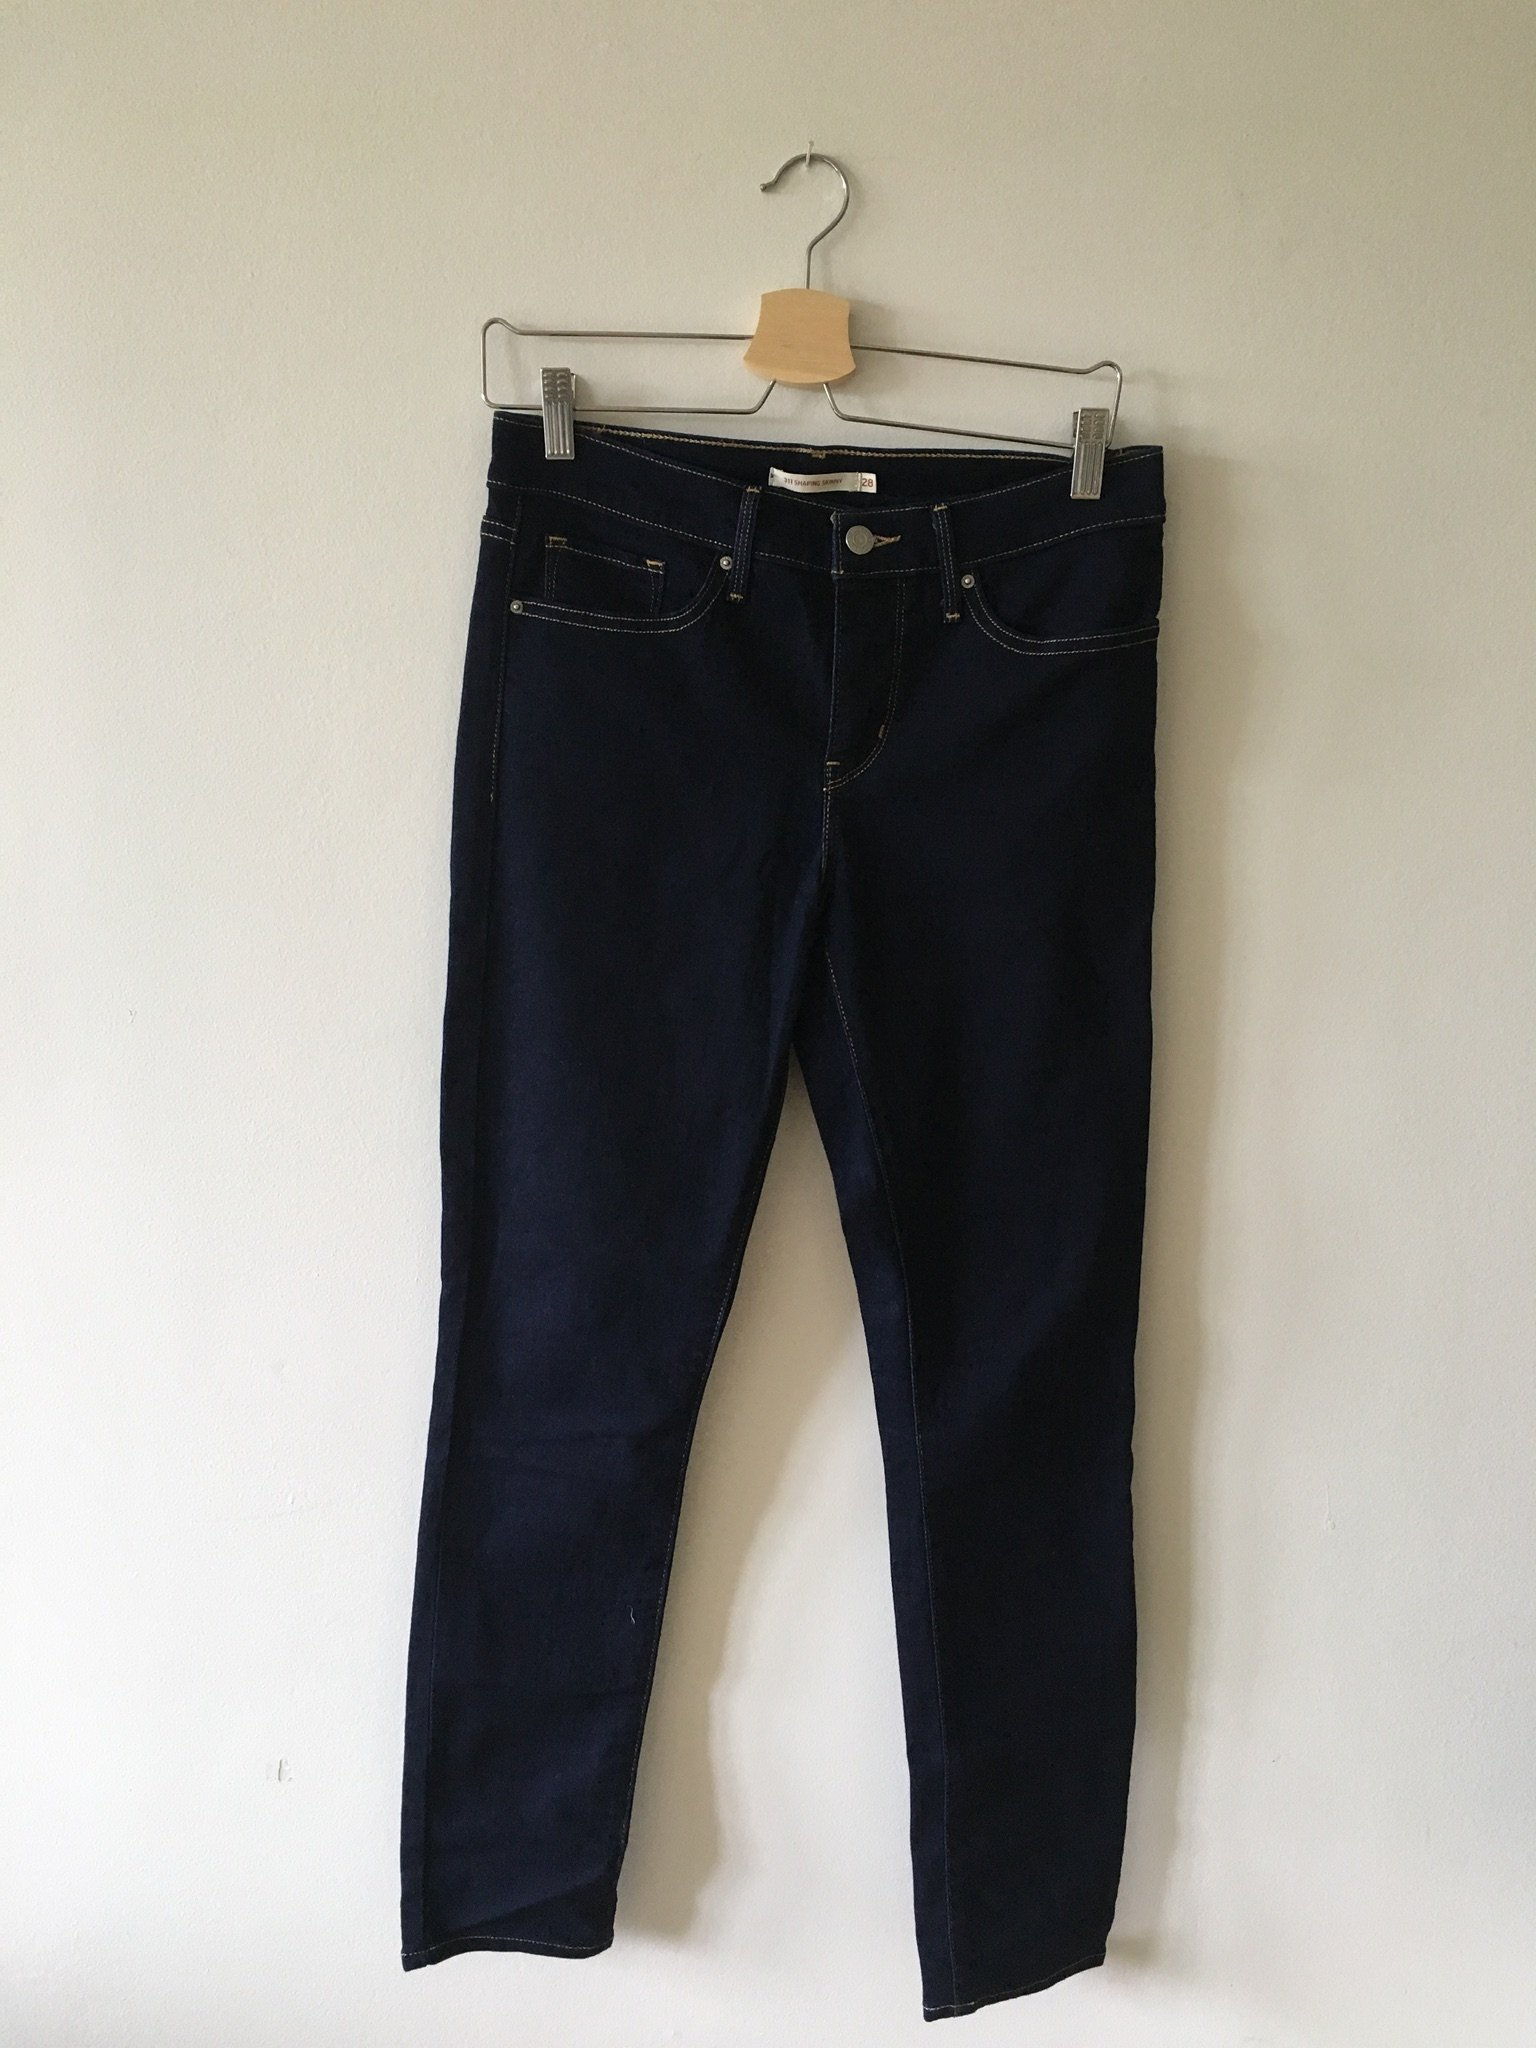 b958e675ee6 NYA&OANVÄNDA shaping Levi jeans stl 28/32 (352247264) ᐈ Köp på Tradera